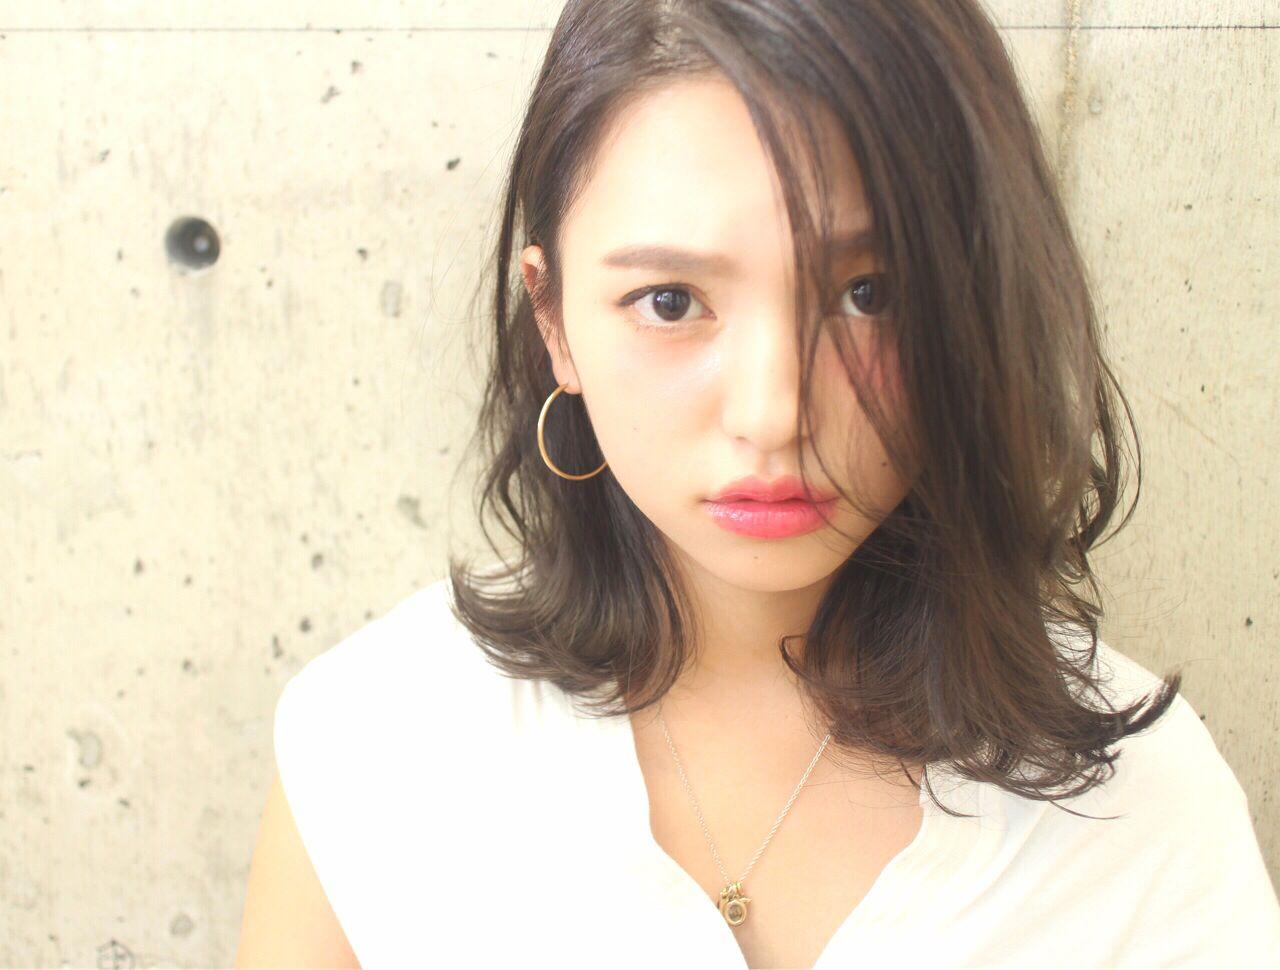 黒髪だって大丈夫!学校でもできるヘアアレンジ「ミディアム編」 米川光平/melgina(メルジーナ)